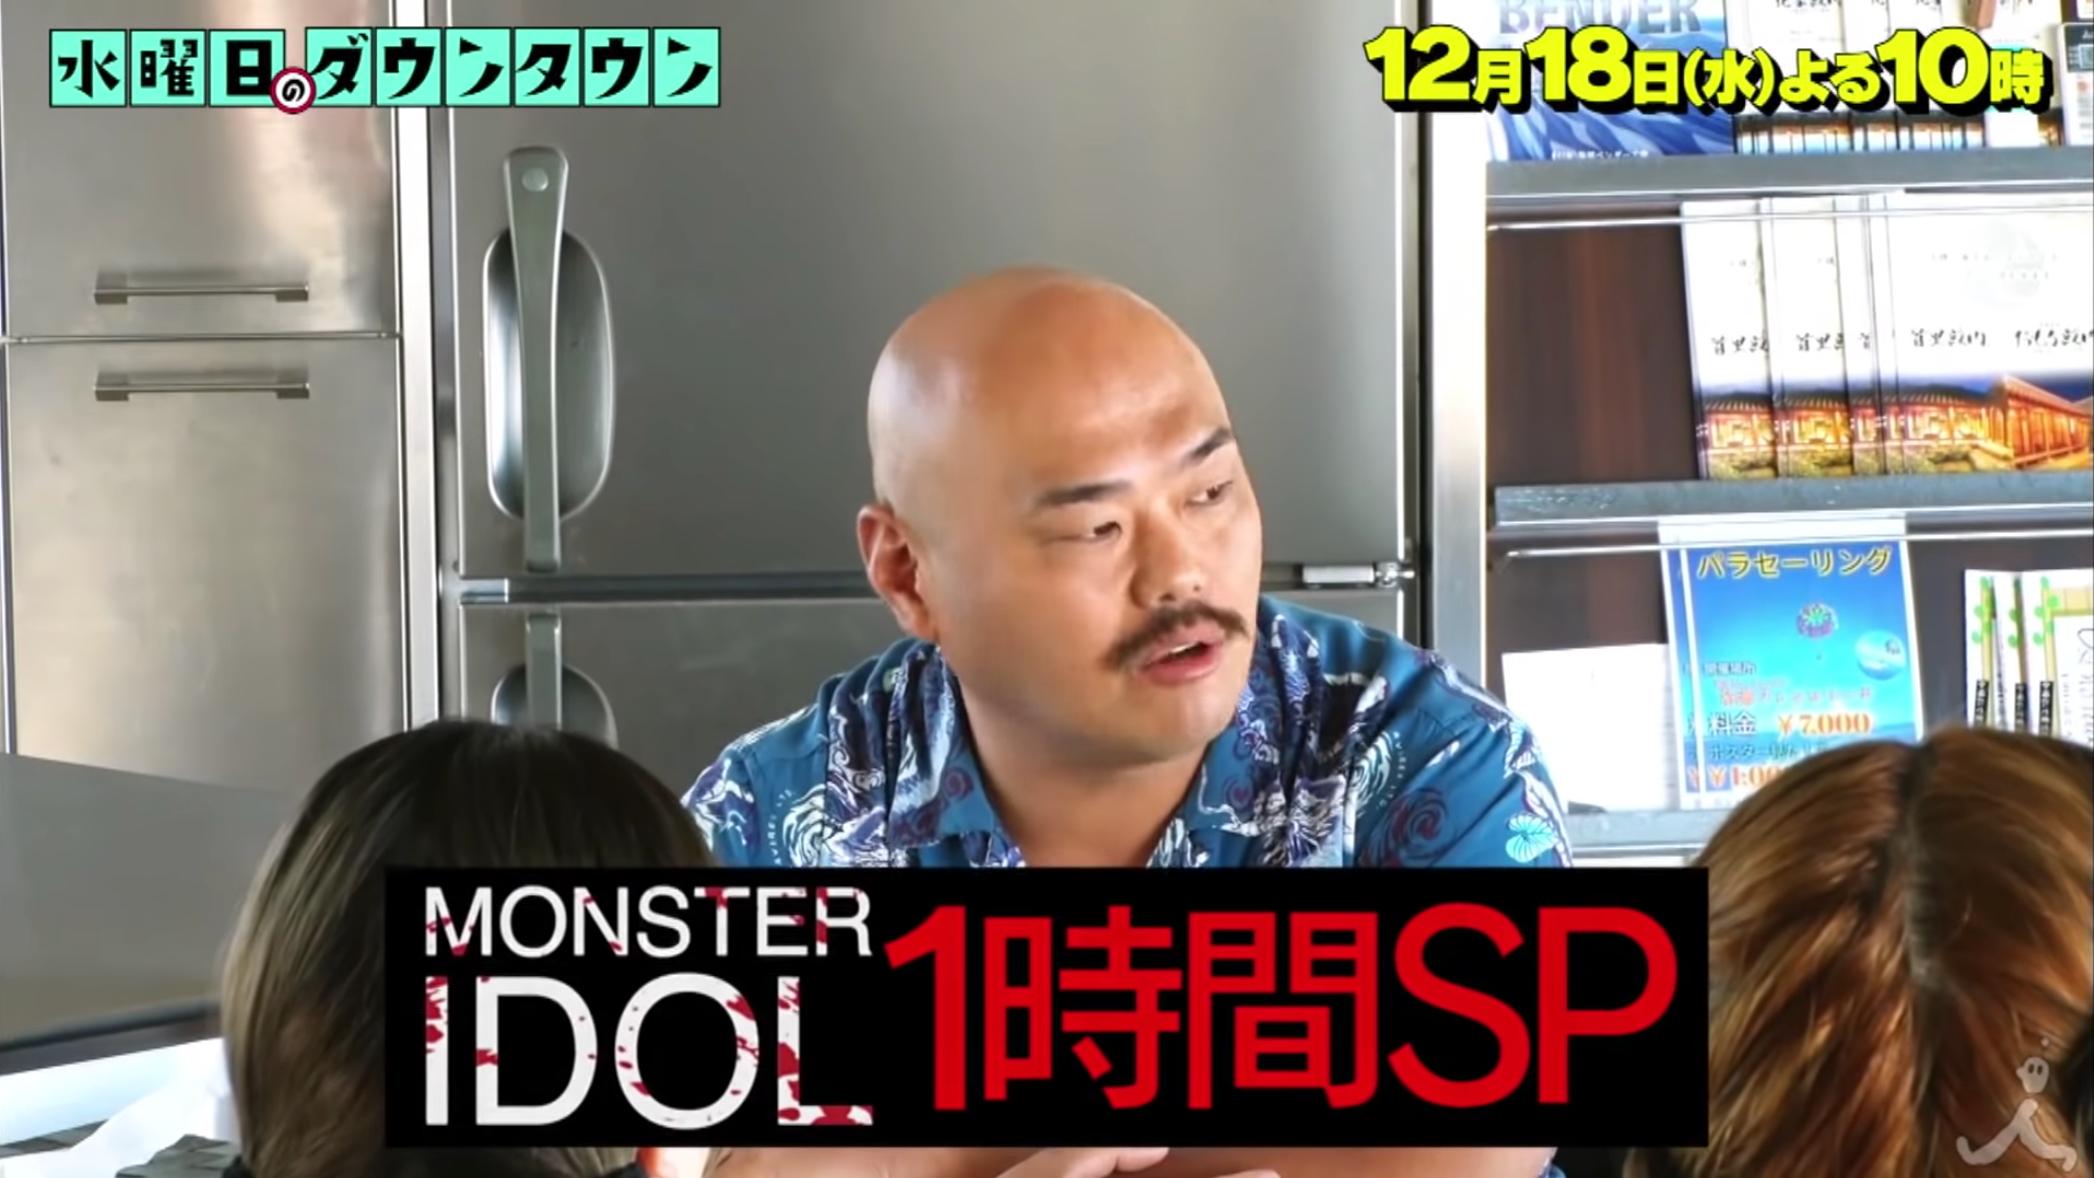 最終 モンスター 回 アイドル